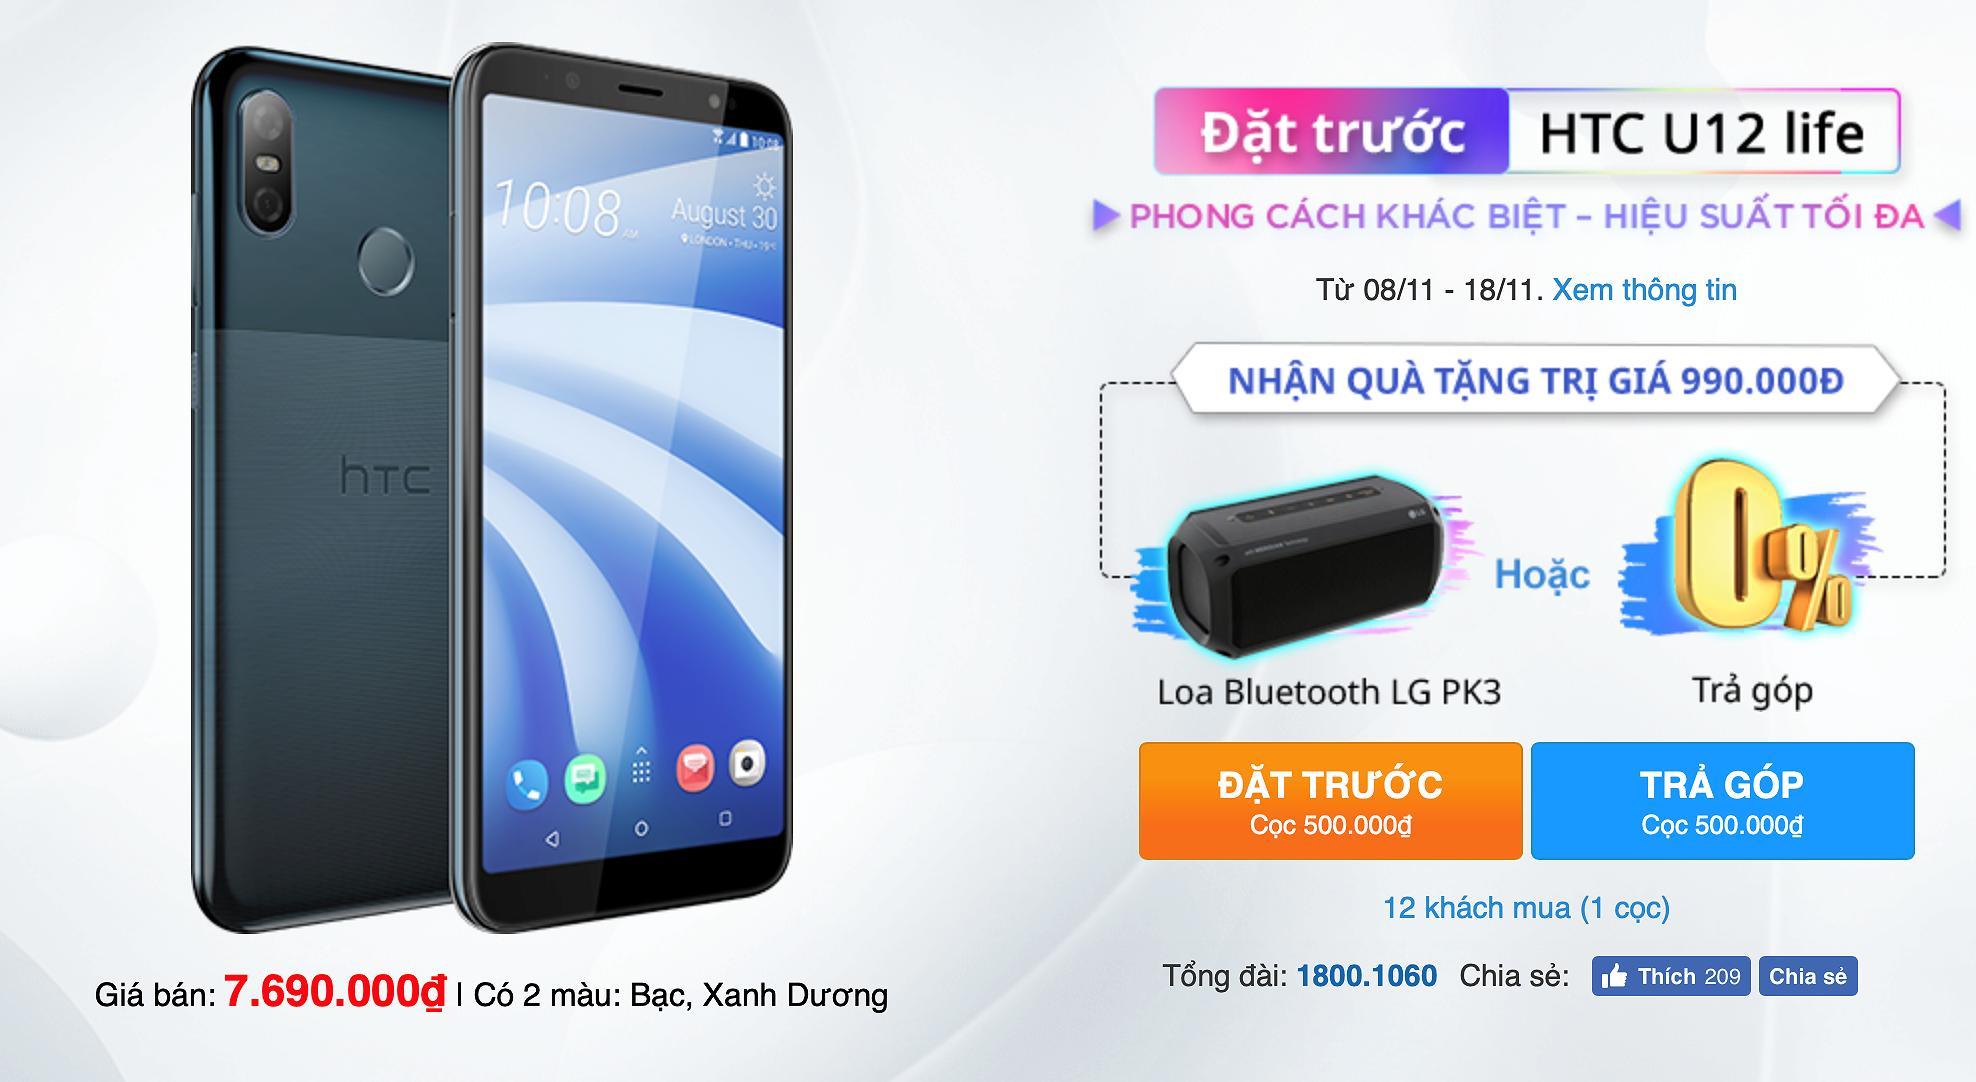 HTC U12 life chính thức mở bán tại Việt Nam Ảnh 1